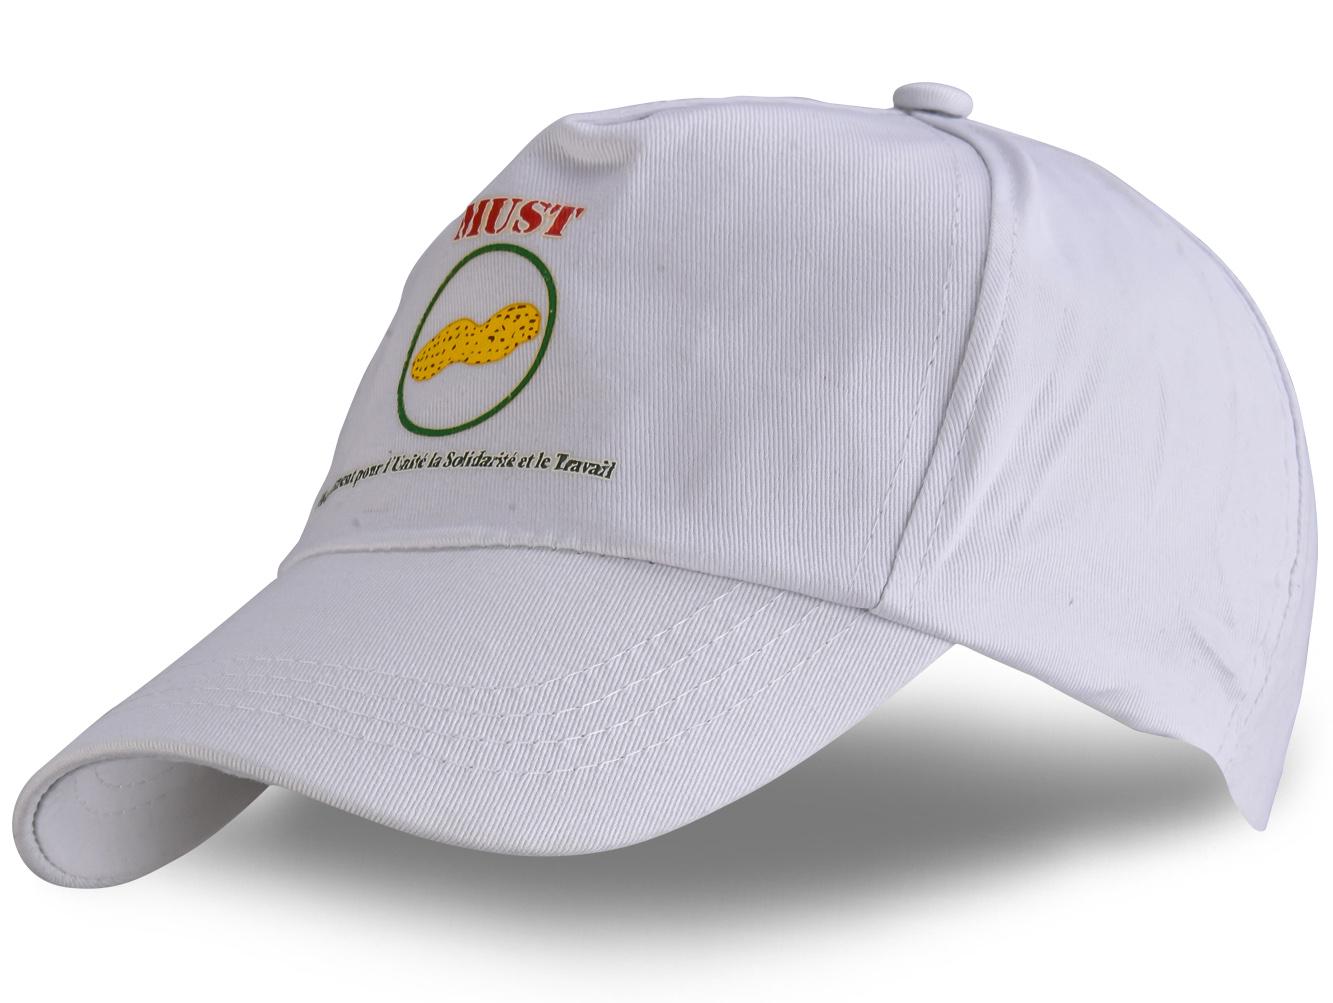 Дешевые кепки для охотников с доставкой по Москве и России